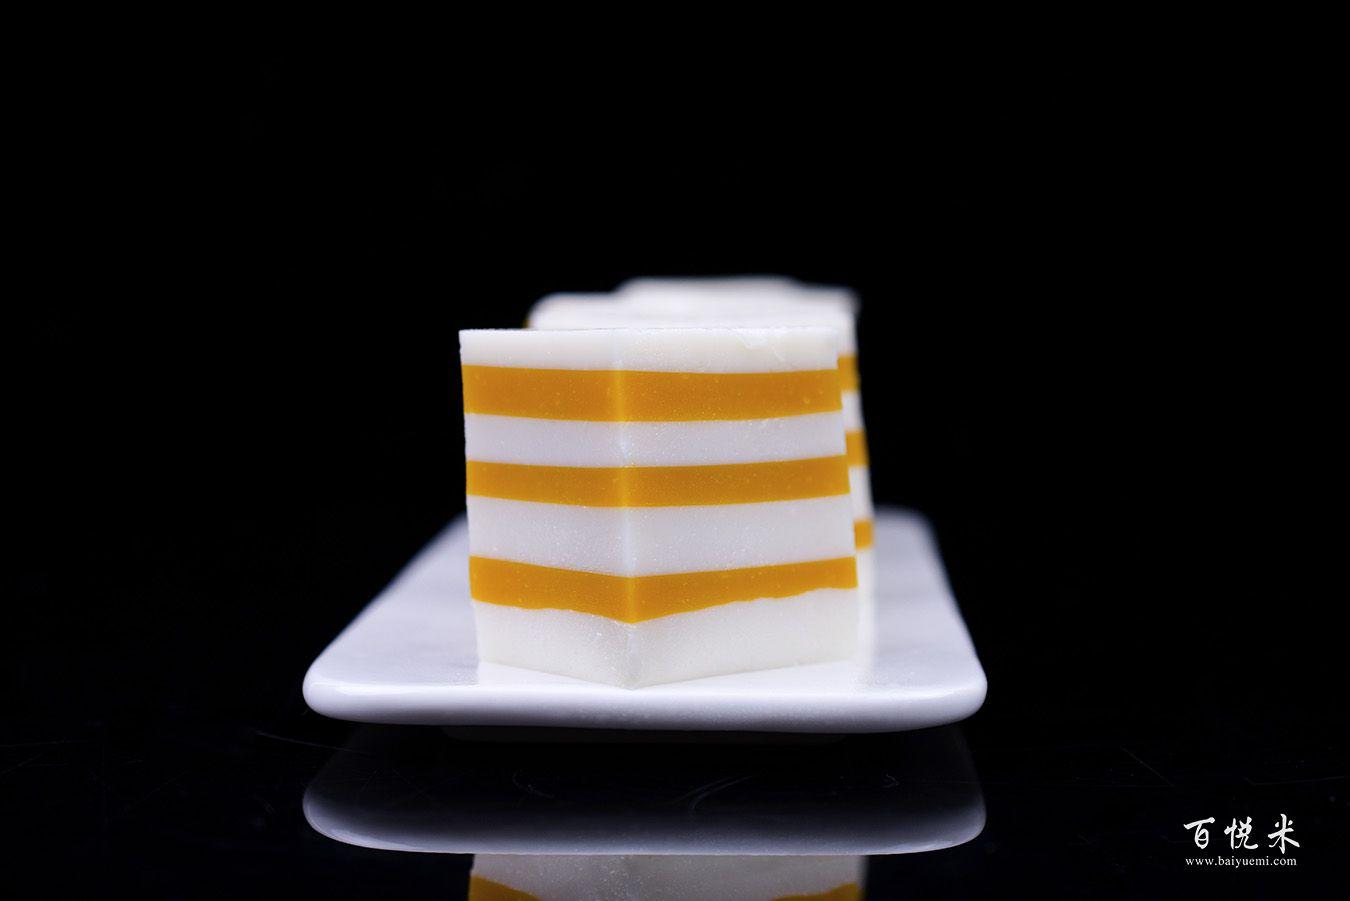 芒果千层糕高清图片大全【蛋糕图片】